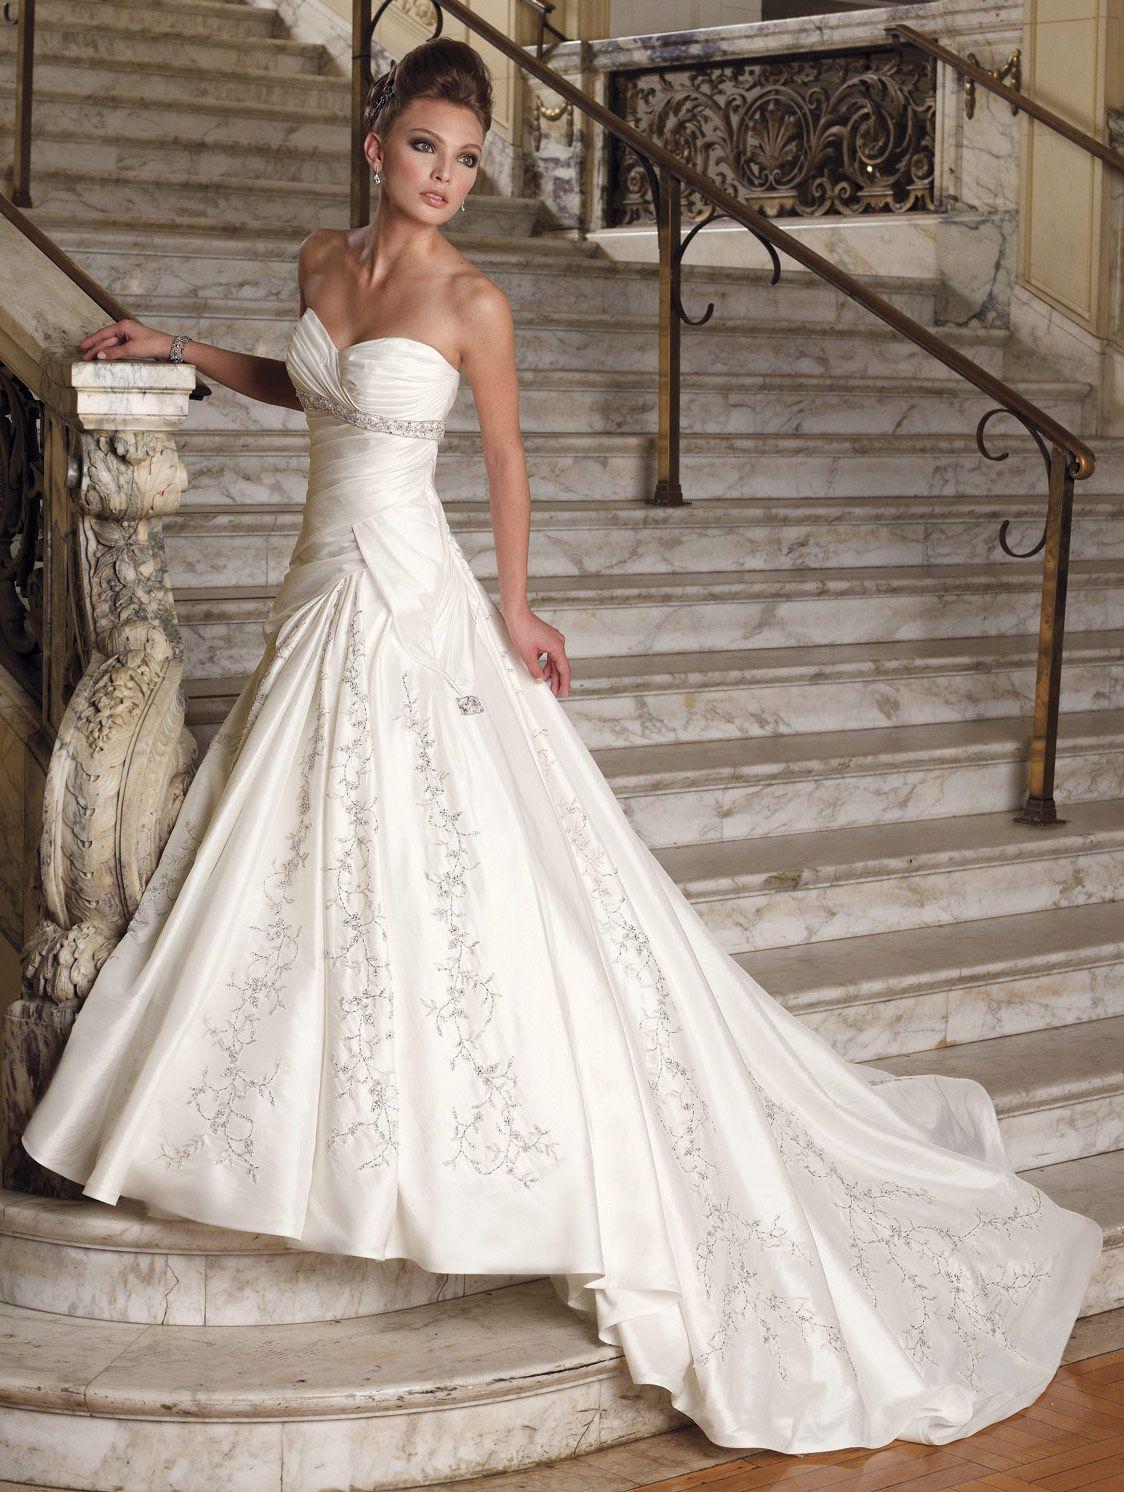 Glamorous most wedding dresses images